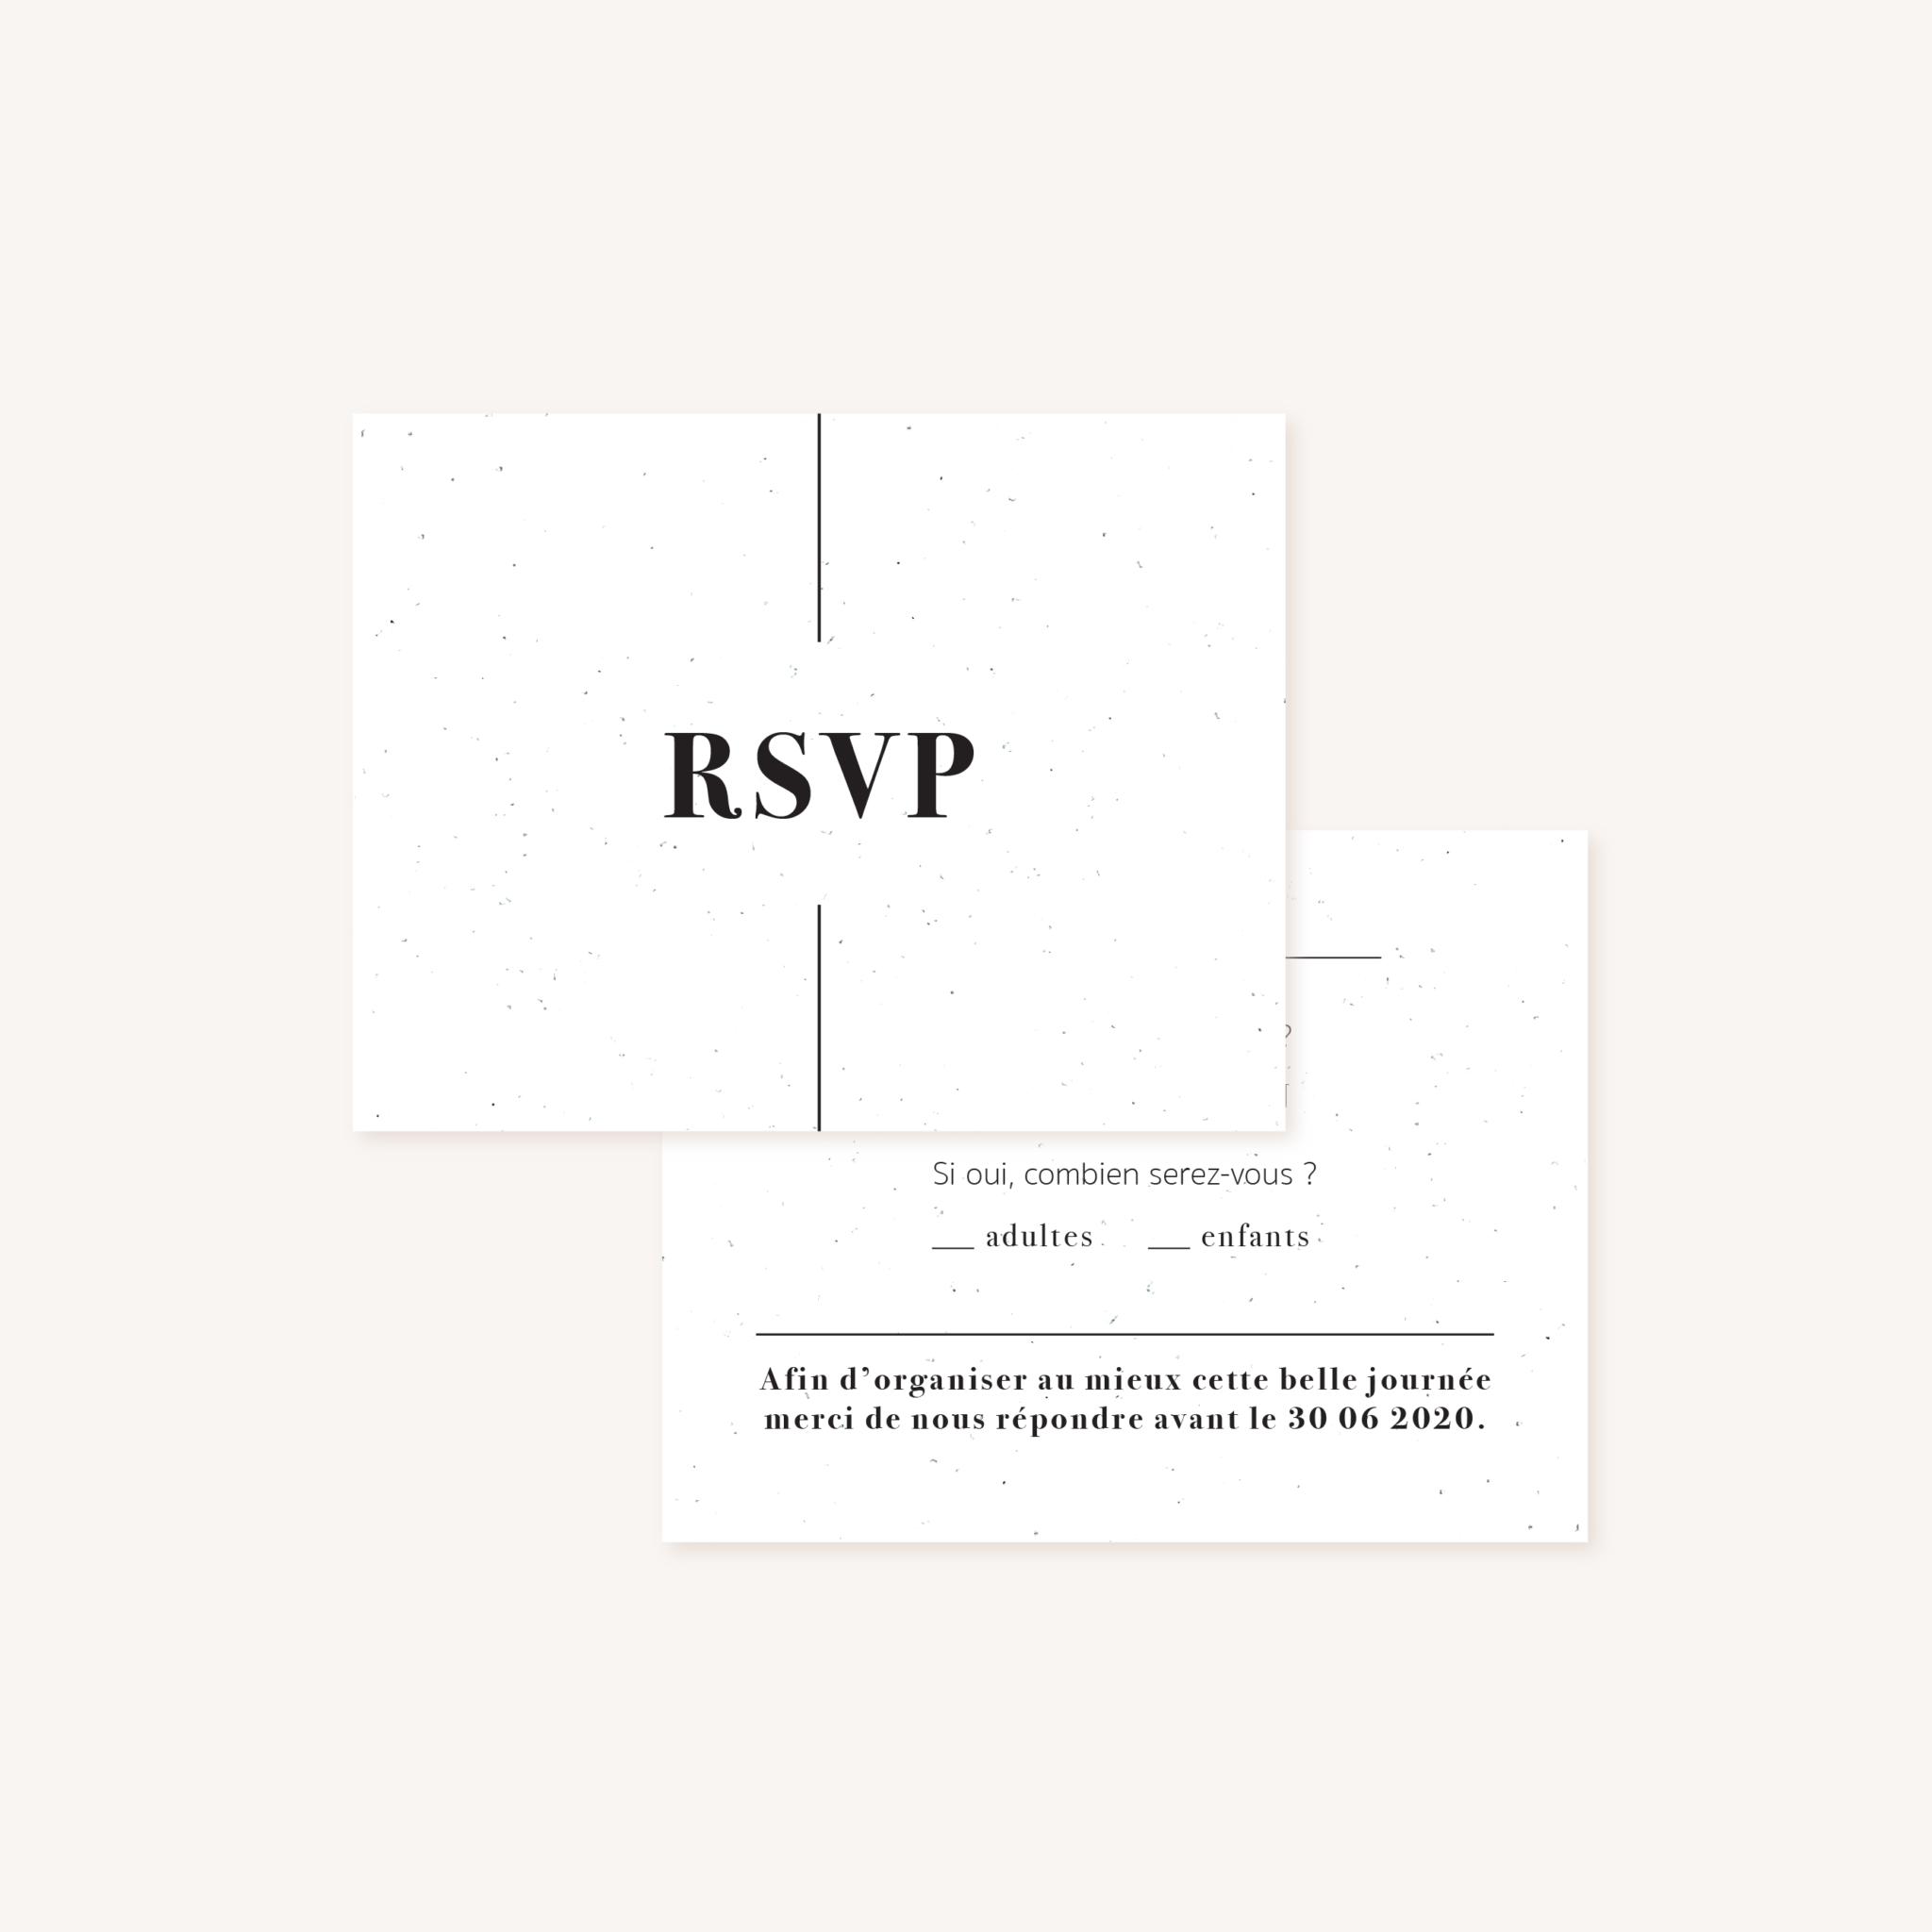 RSVP mariage faire-part papeterie épuré noir blanc neutre unisexe élégant